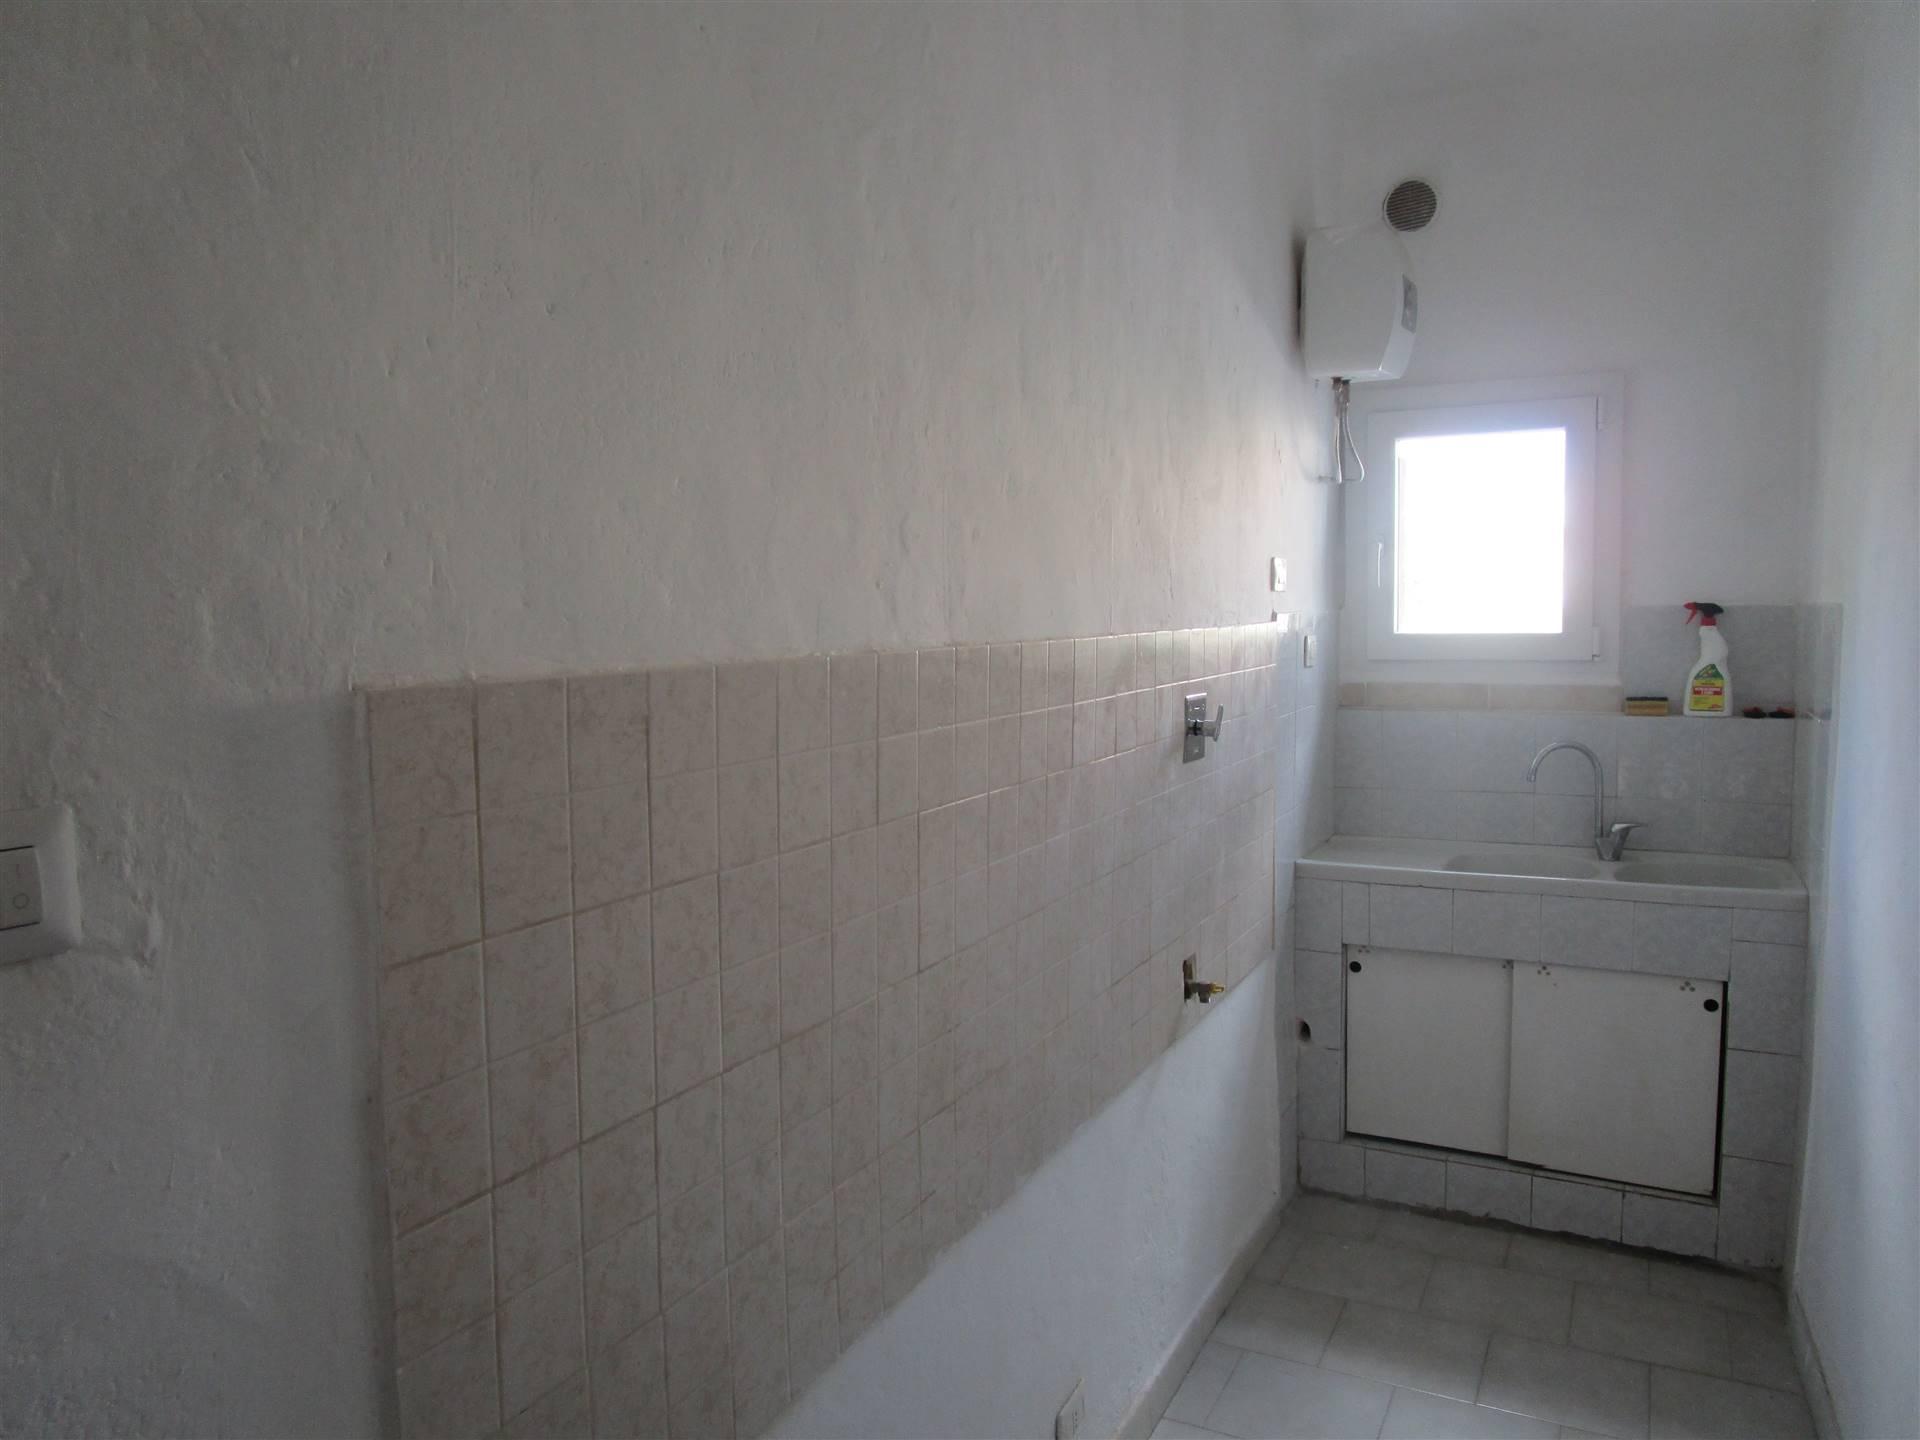 Appartamento in Vendita a Campi bisenzio zona San lorenzo - immagine 3